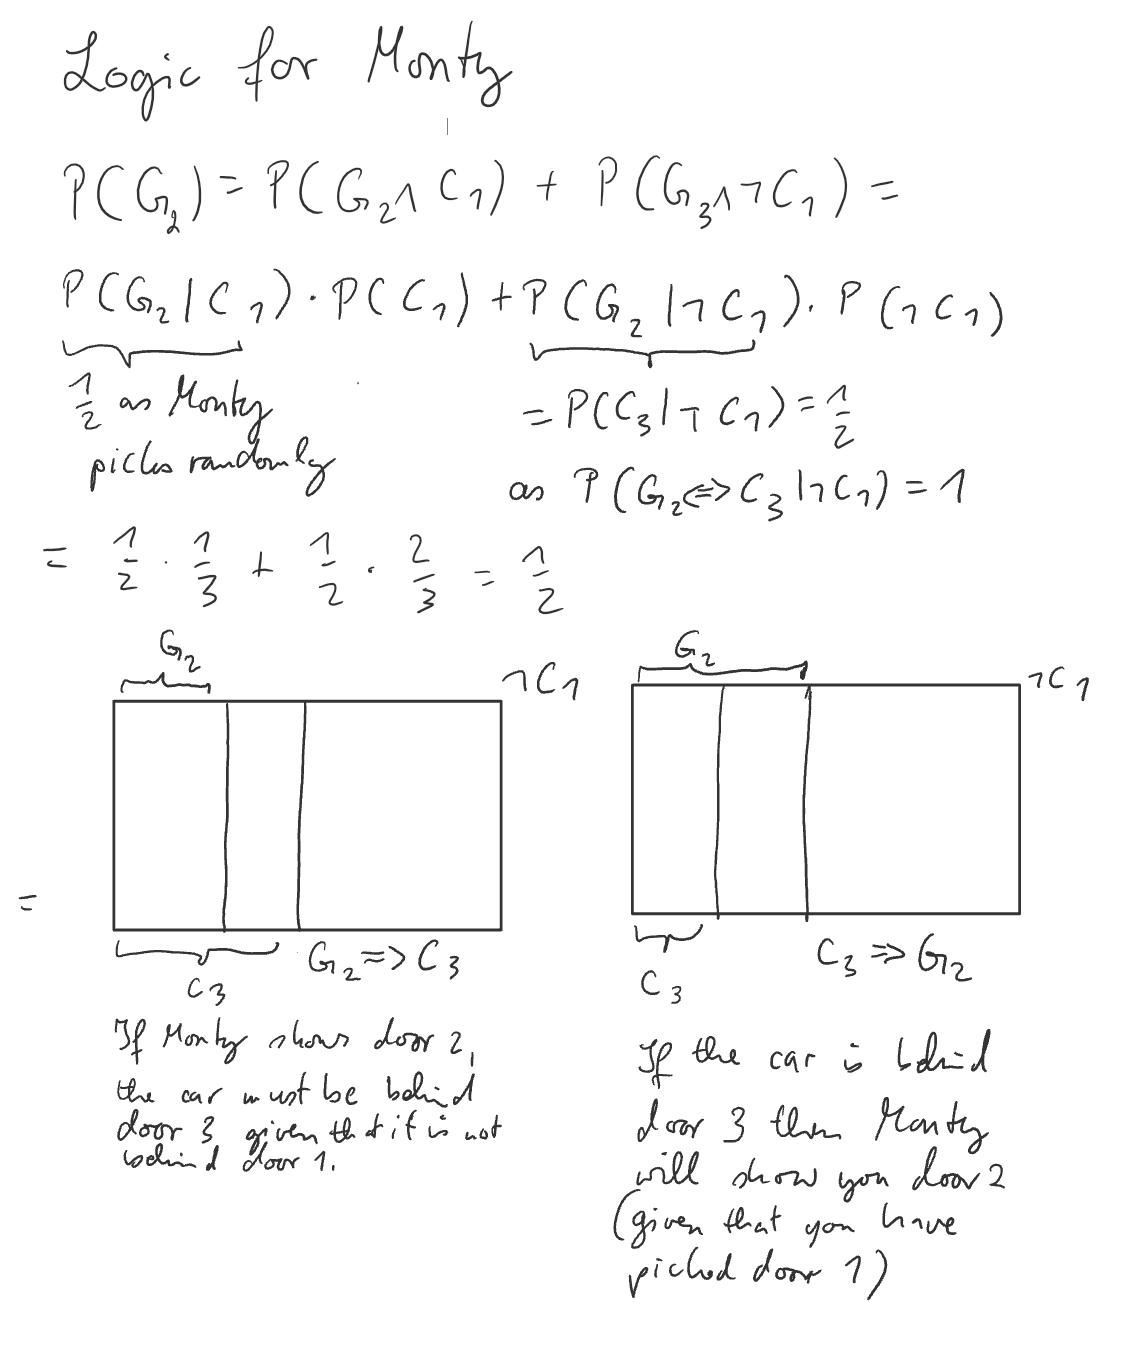 Max/AI II/2020/Logic for Monty.png